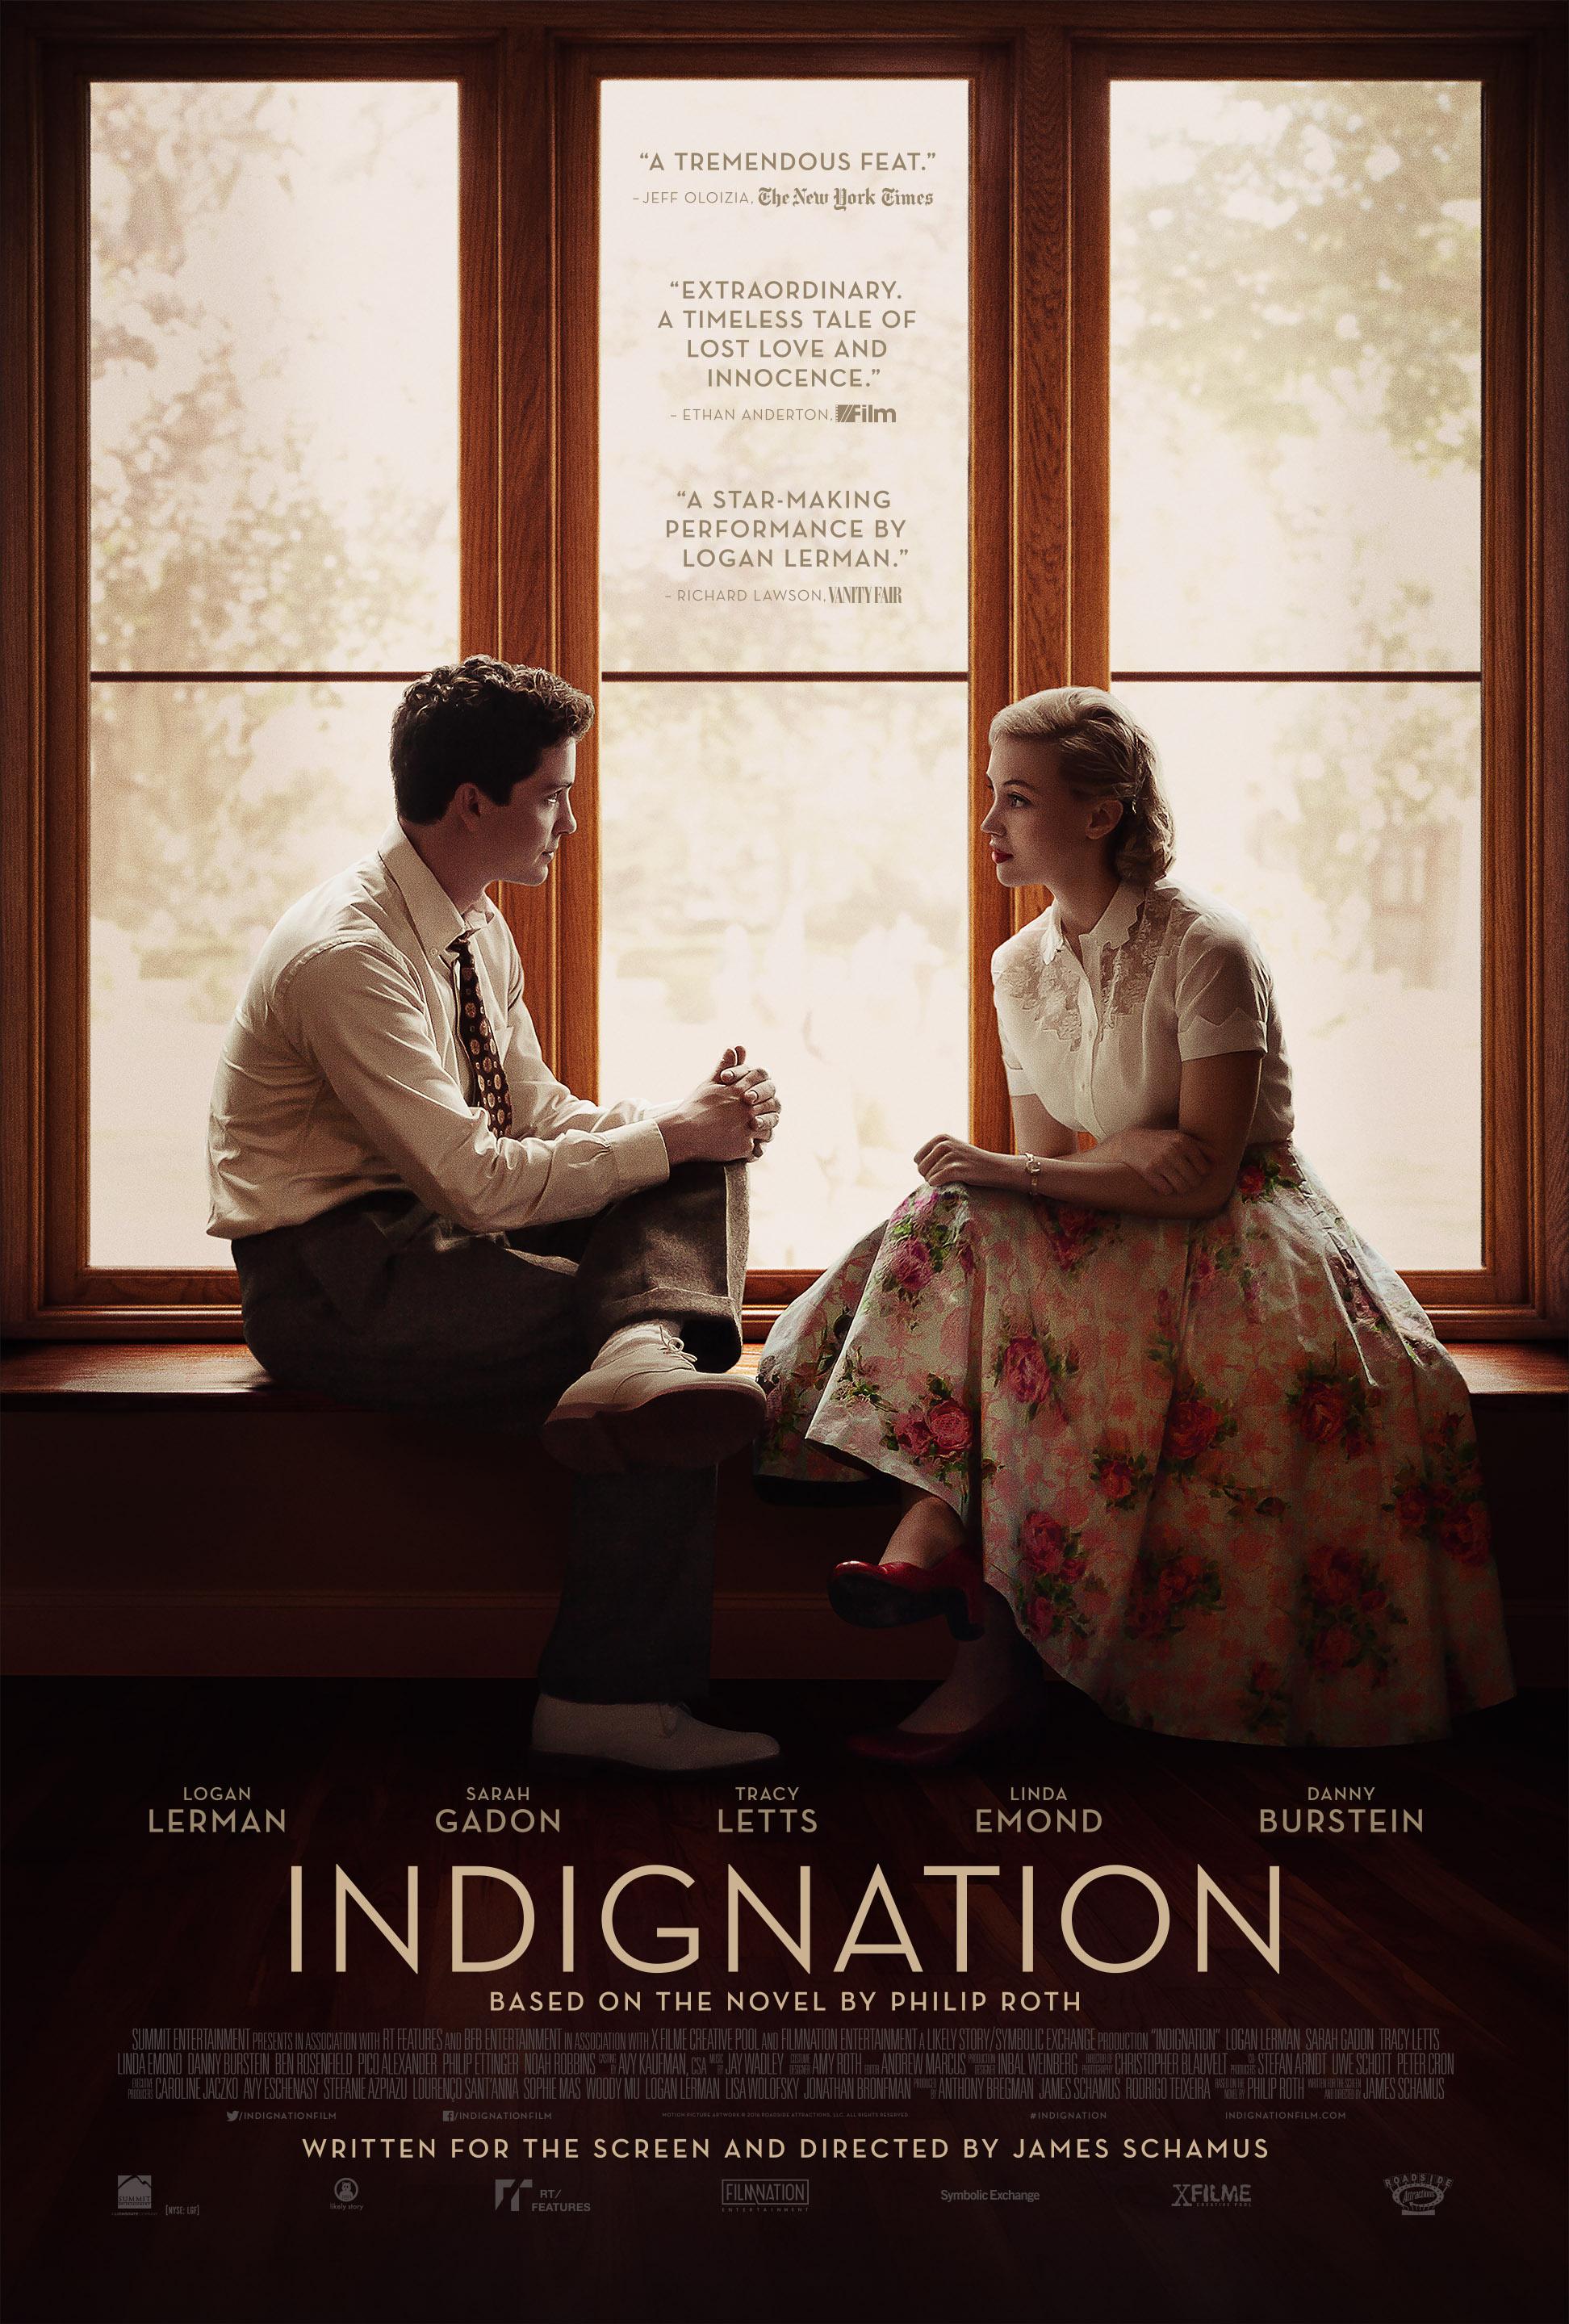 indignation-INDIGNATION_27x40_DIGITAL_FINISH_04_72DPI_rgb.jpg